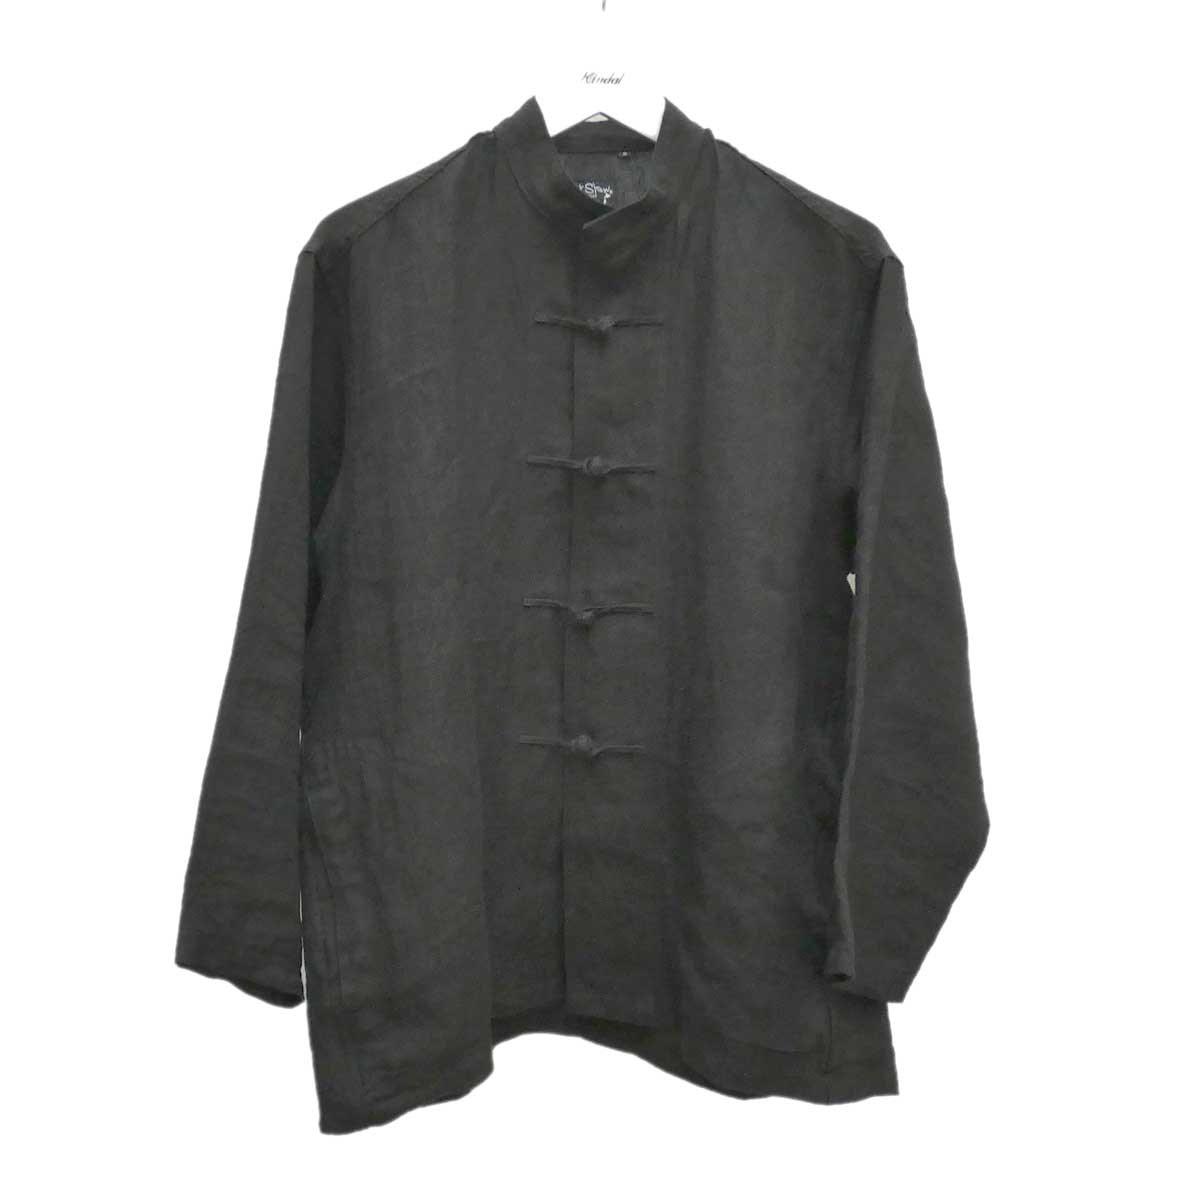 【中古】or Slow カンフージャケット KUNG FU JACKET ブラック サイズ:0 【290820】(オアスロウ)